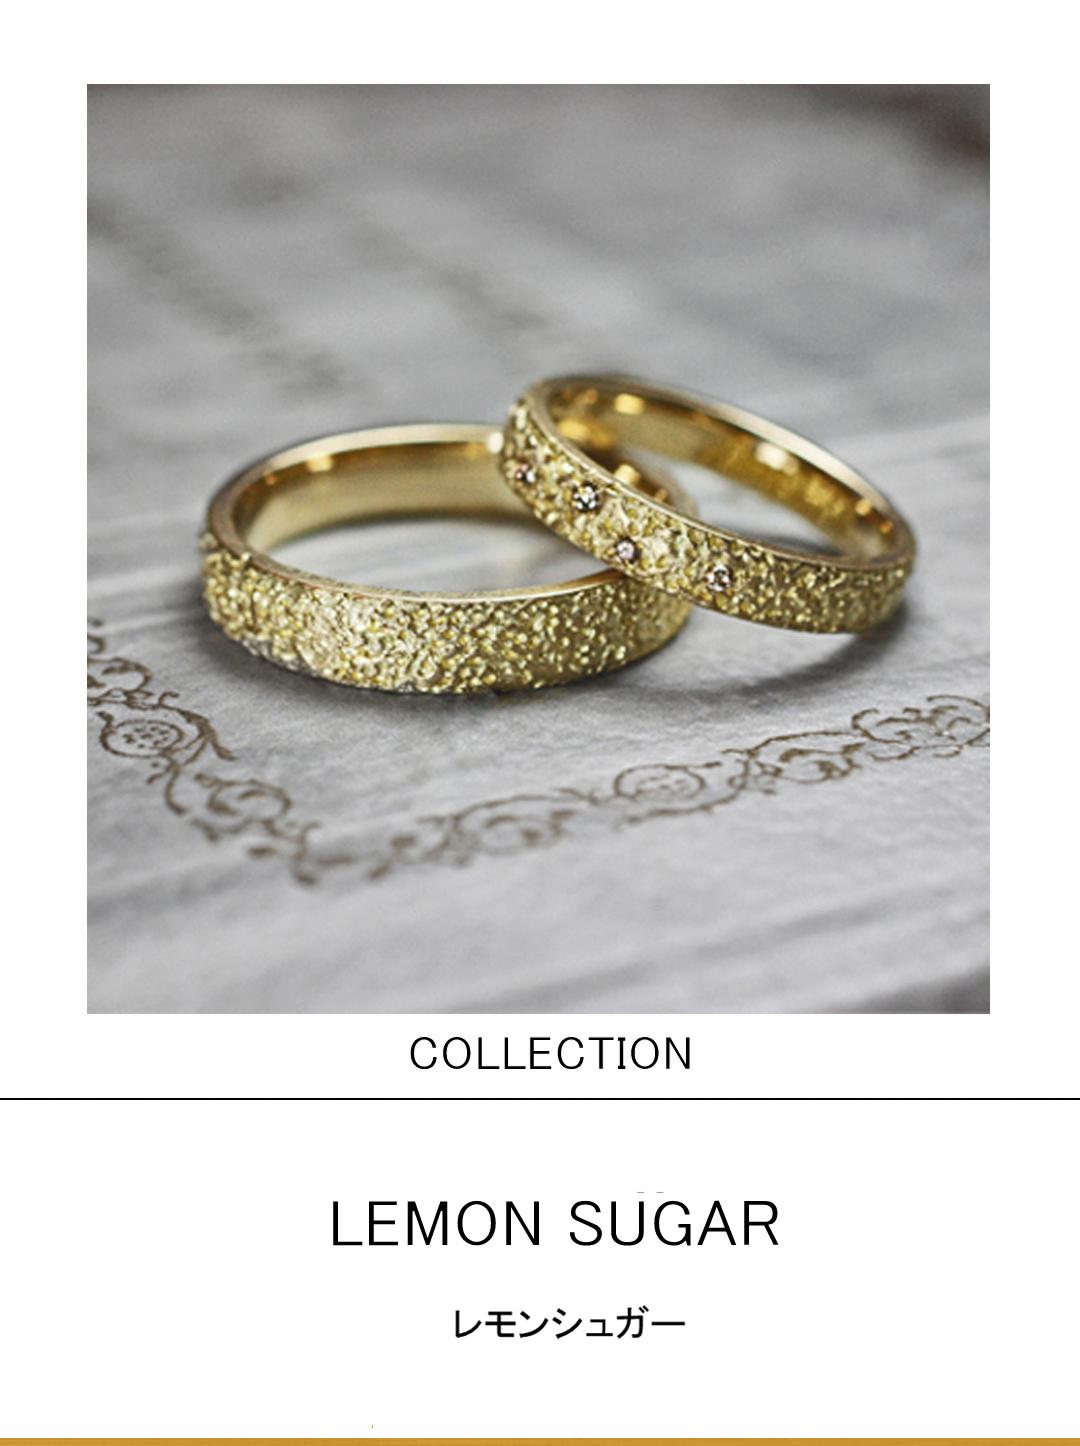 キラキラ光るレモンシュガーの表面をデザインしたゴールドの結婚指輪のサムネイル